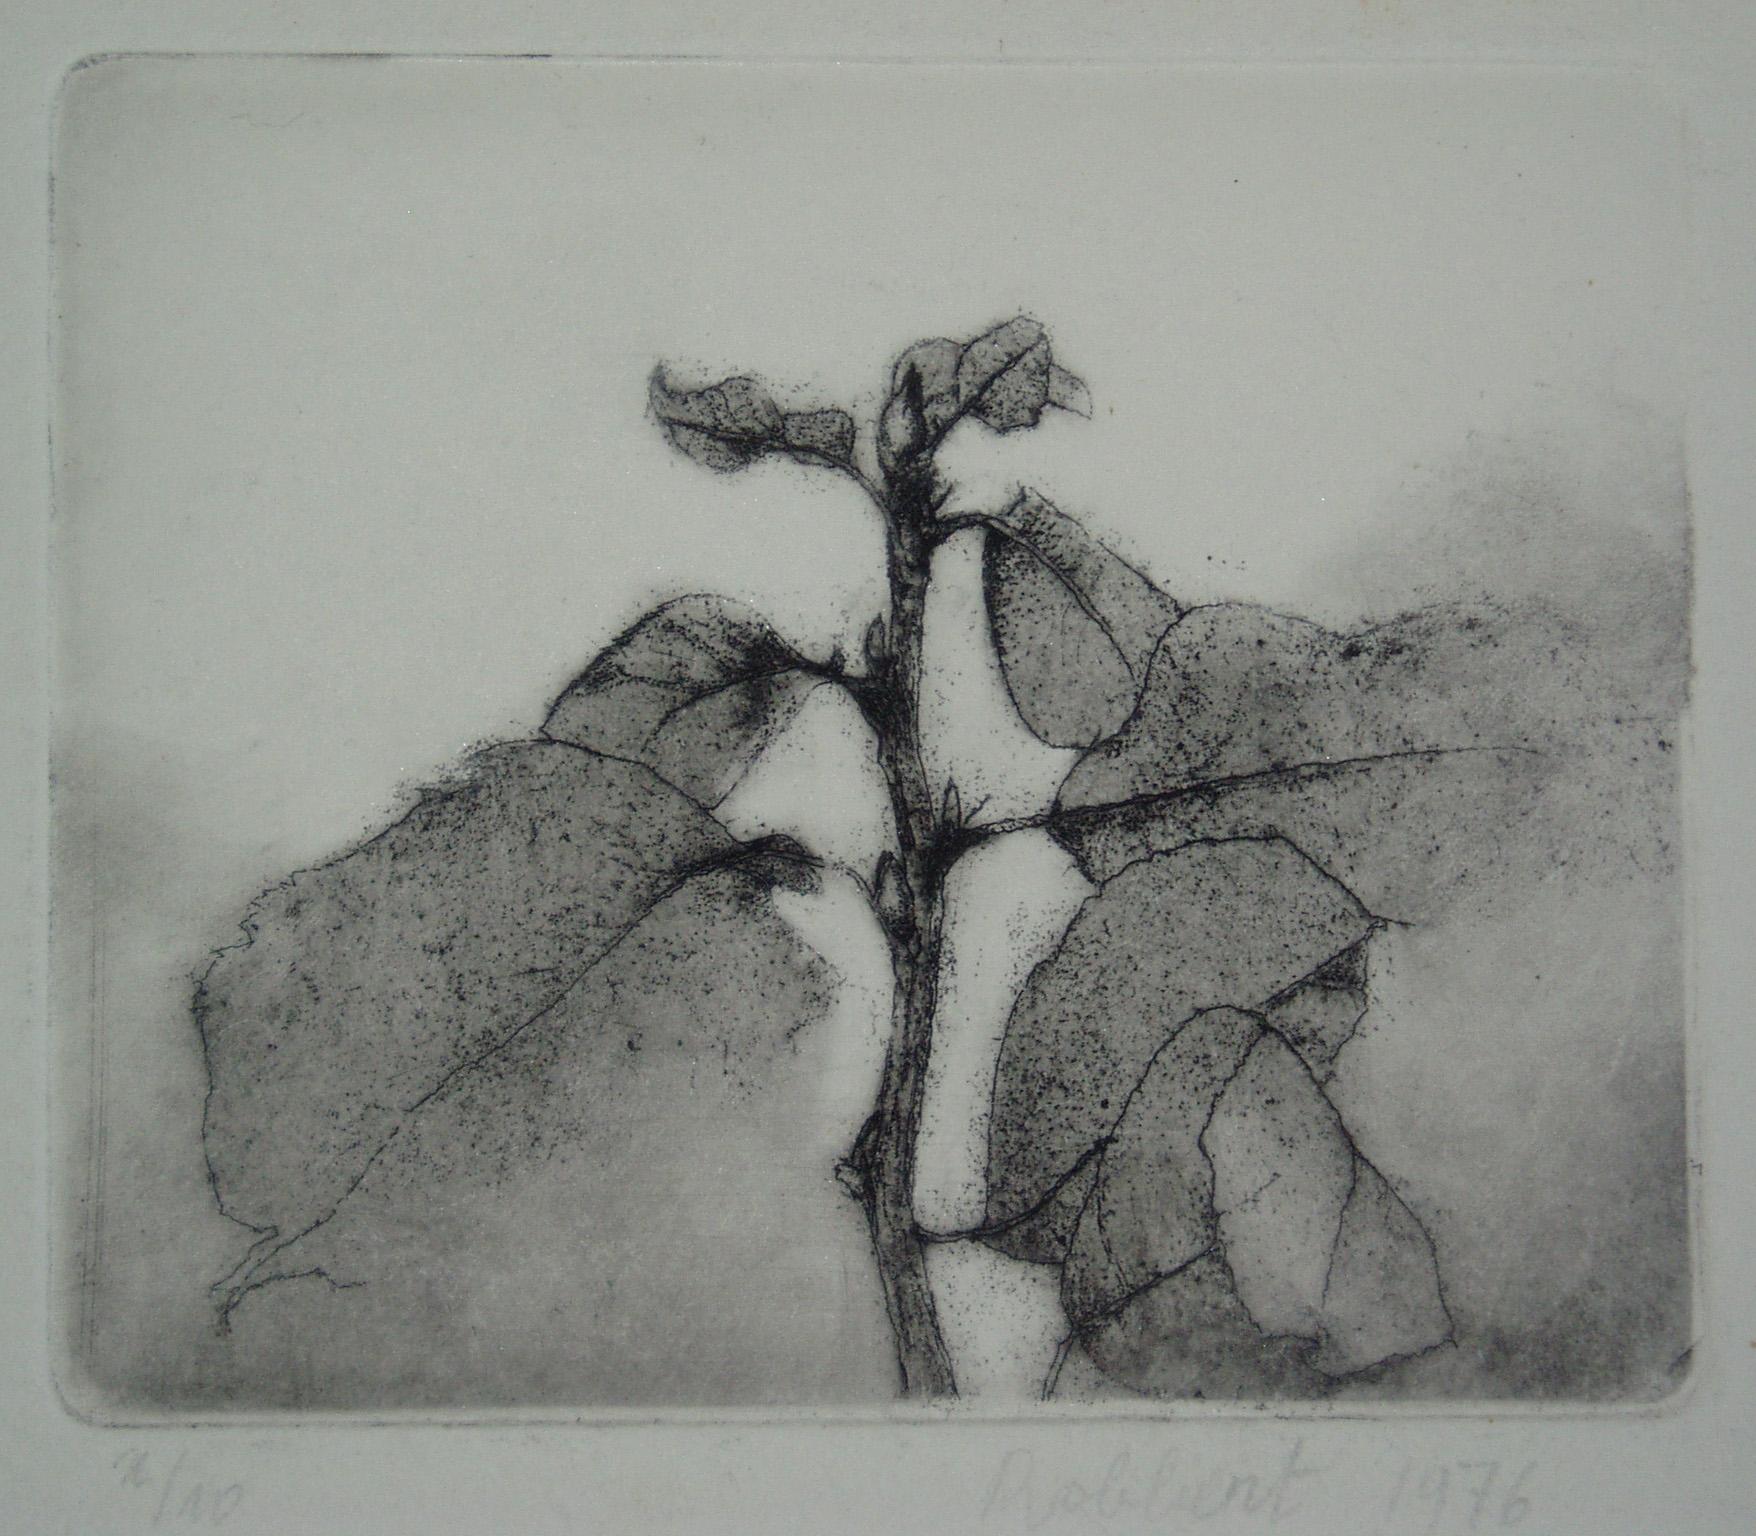 Robbert Ruigrok, 'Mystic Branch', 1976. Etching.